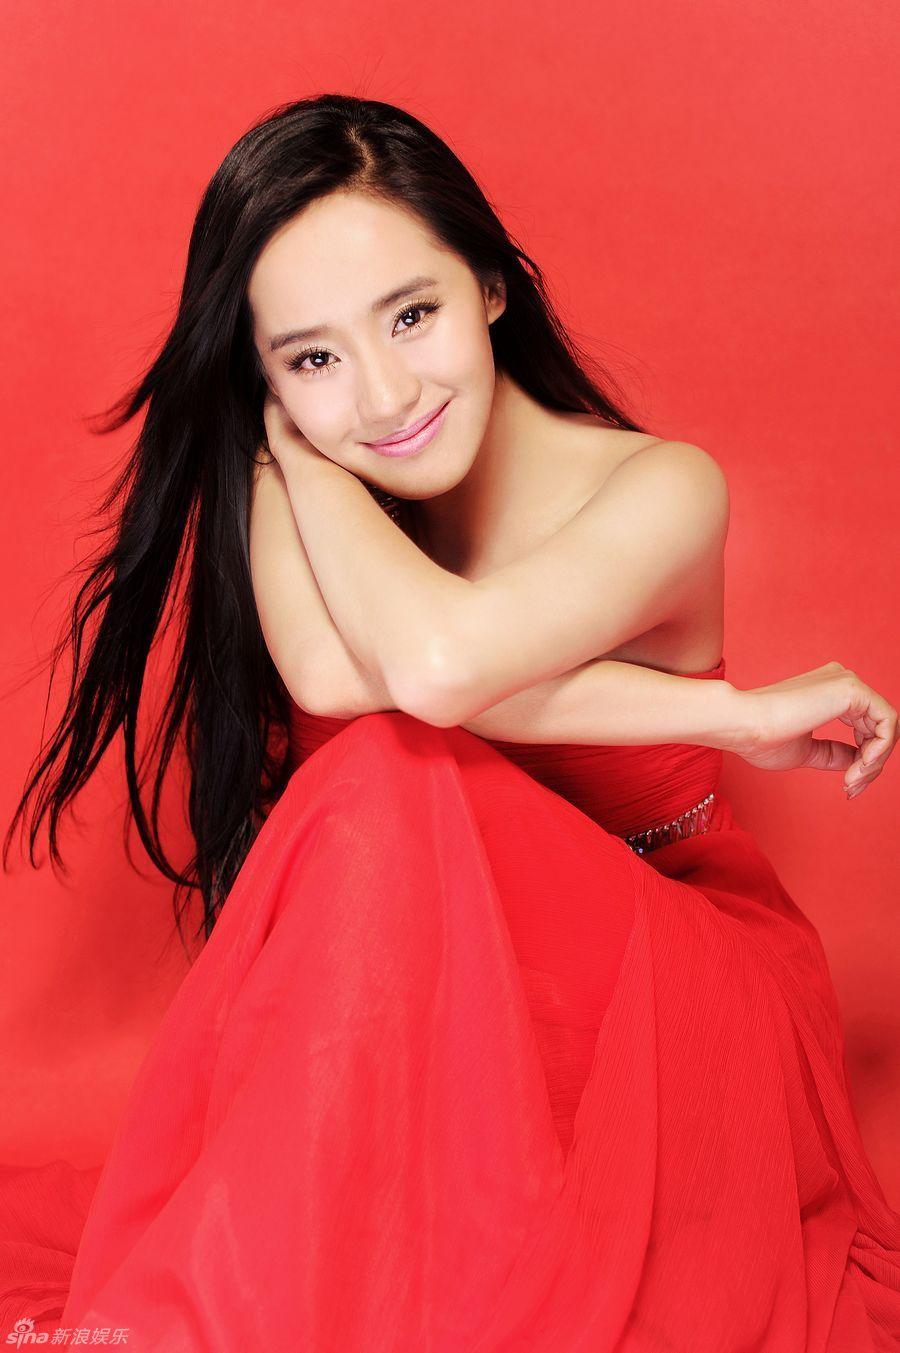 http://www.sinaimg.cn/dy/slidenews/4_img/2013_26/704_1009833_211051.jpg